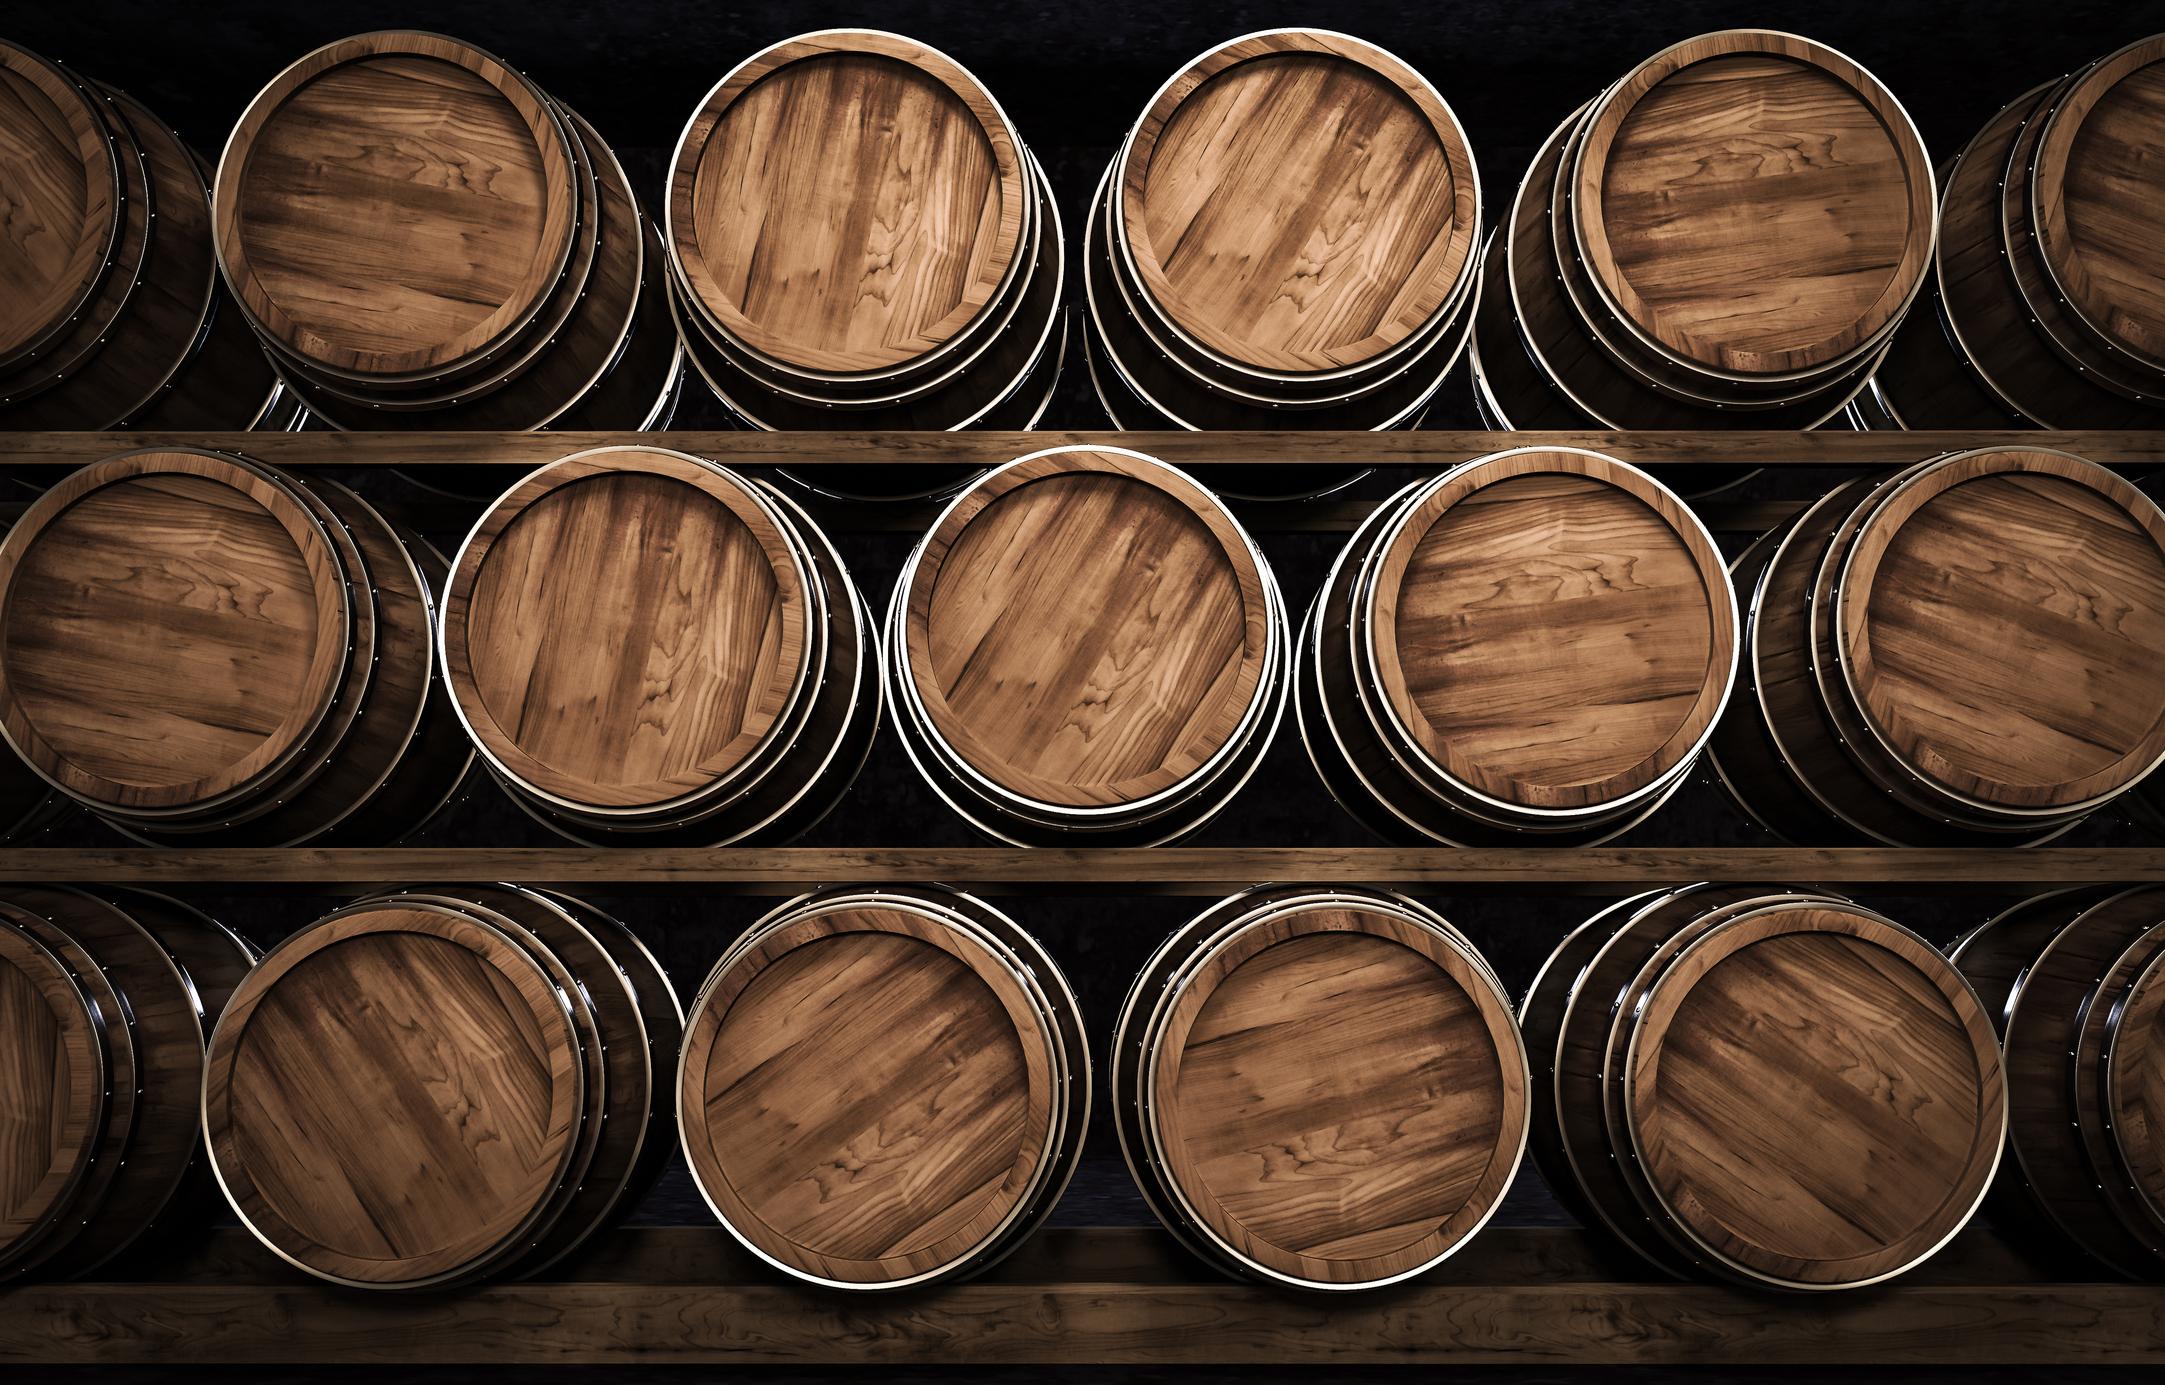 aging-wine-barrels